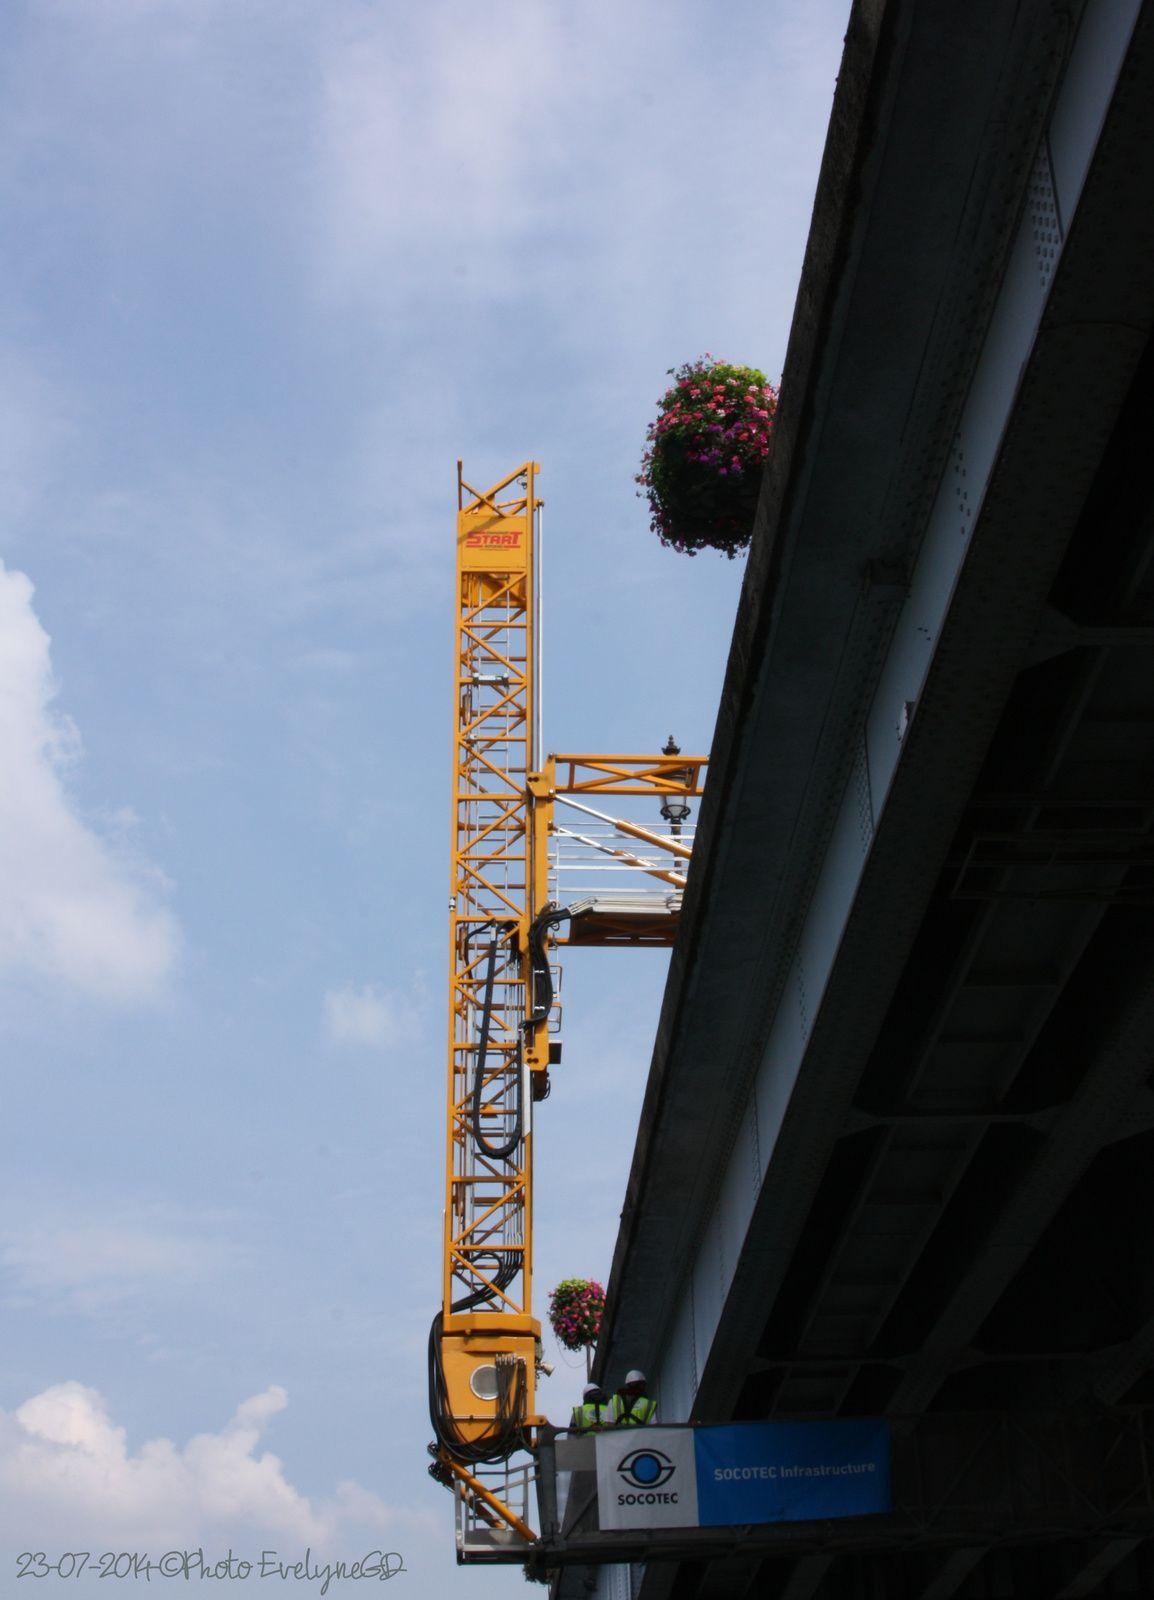 Quoi de neuf en Bord de Seine ?